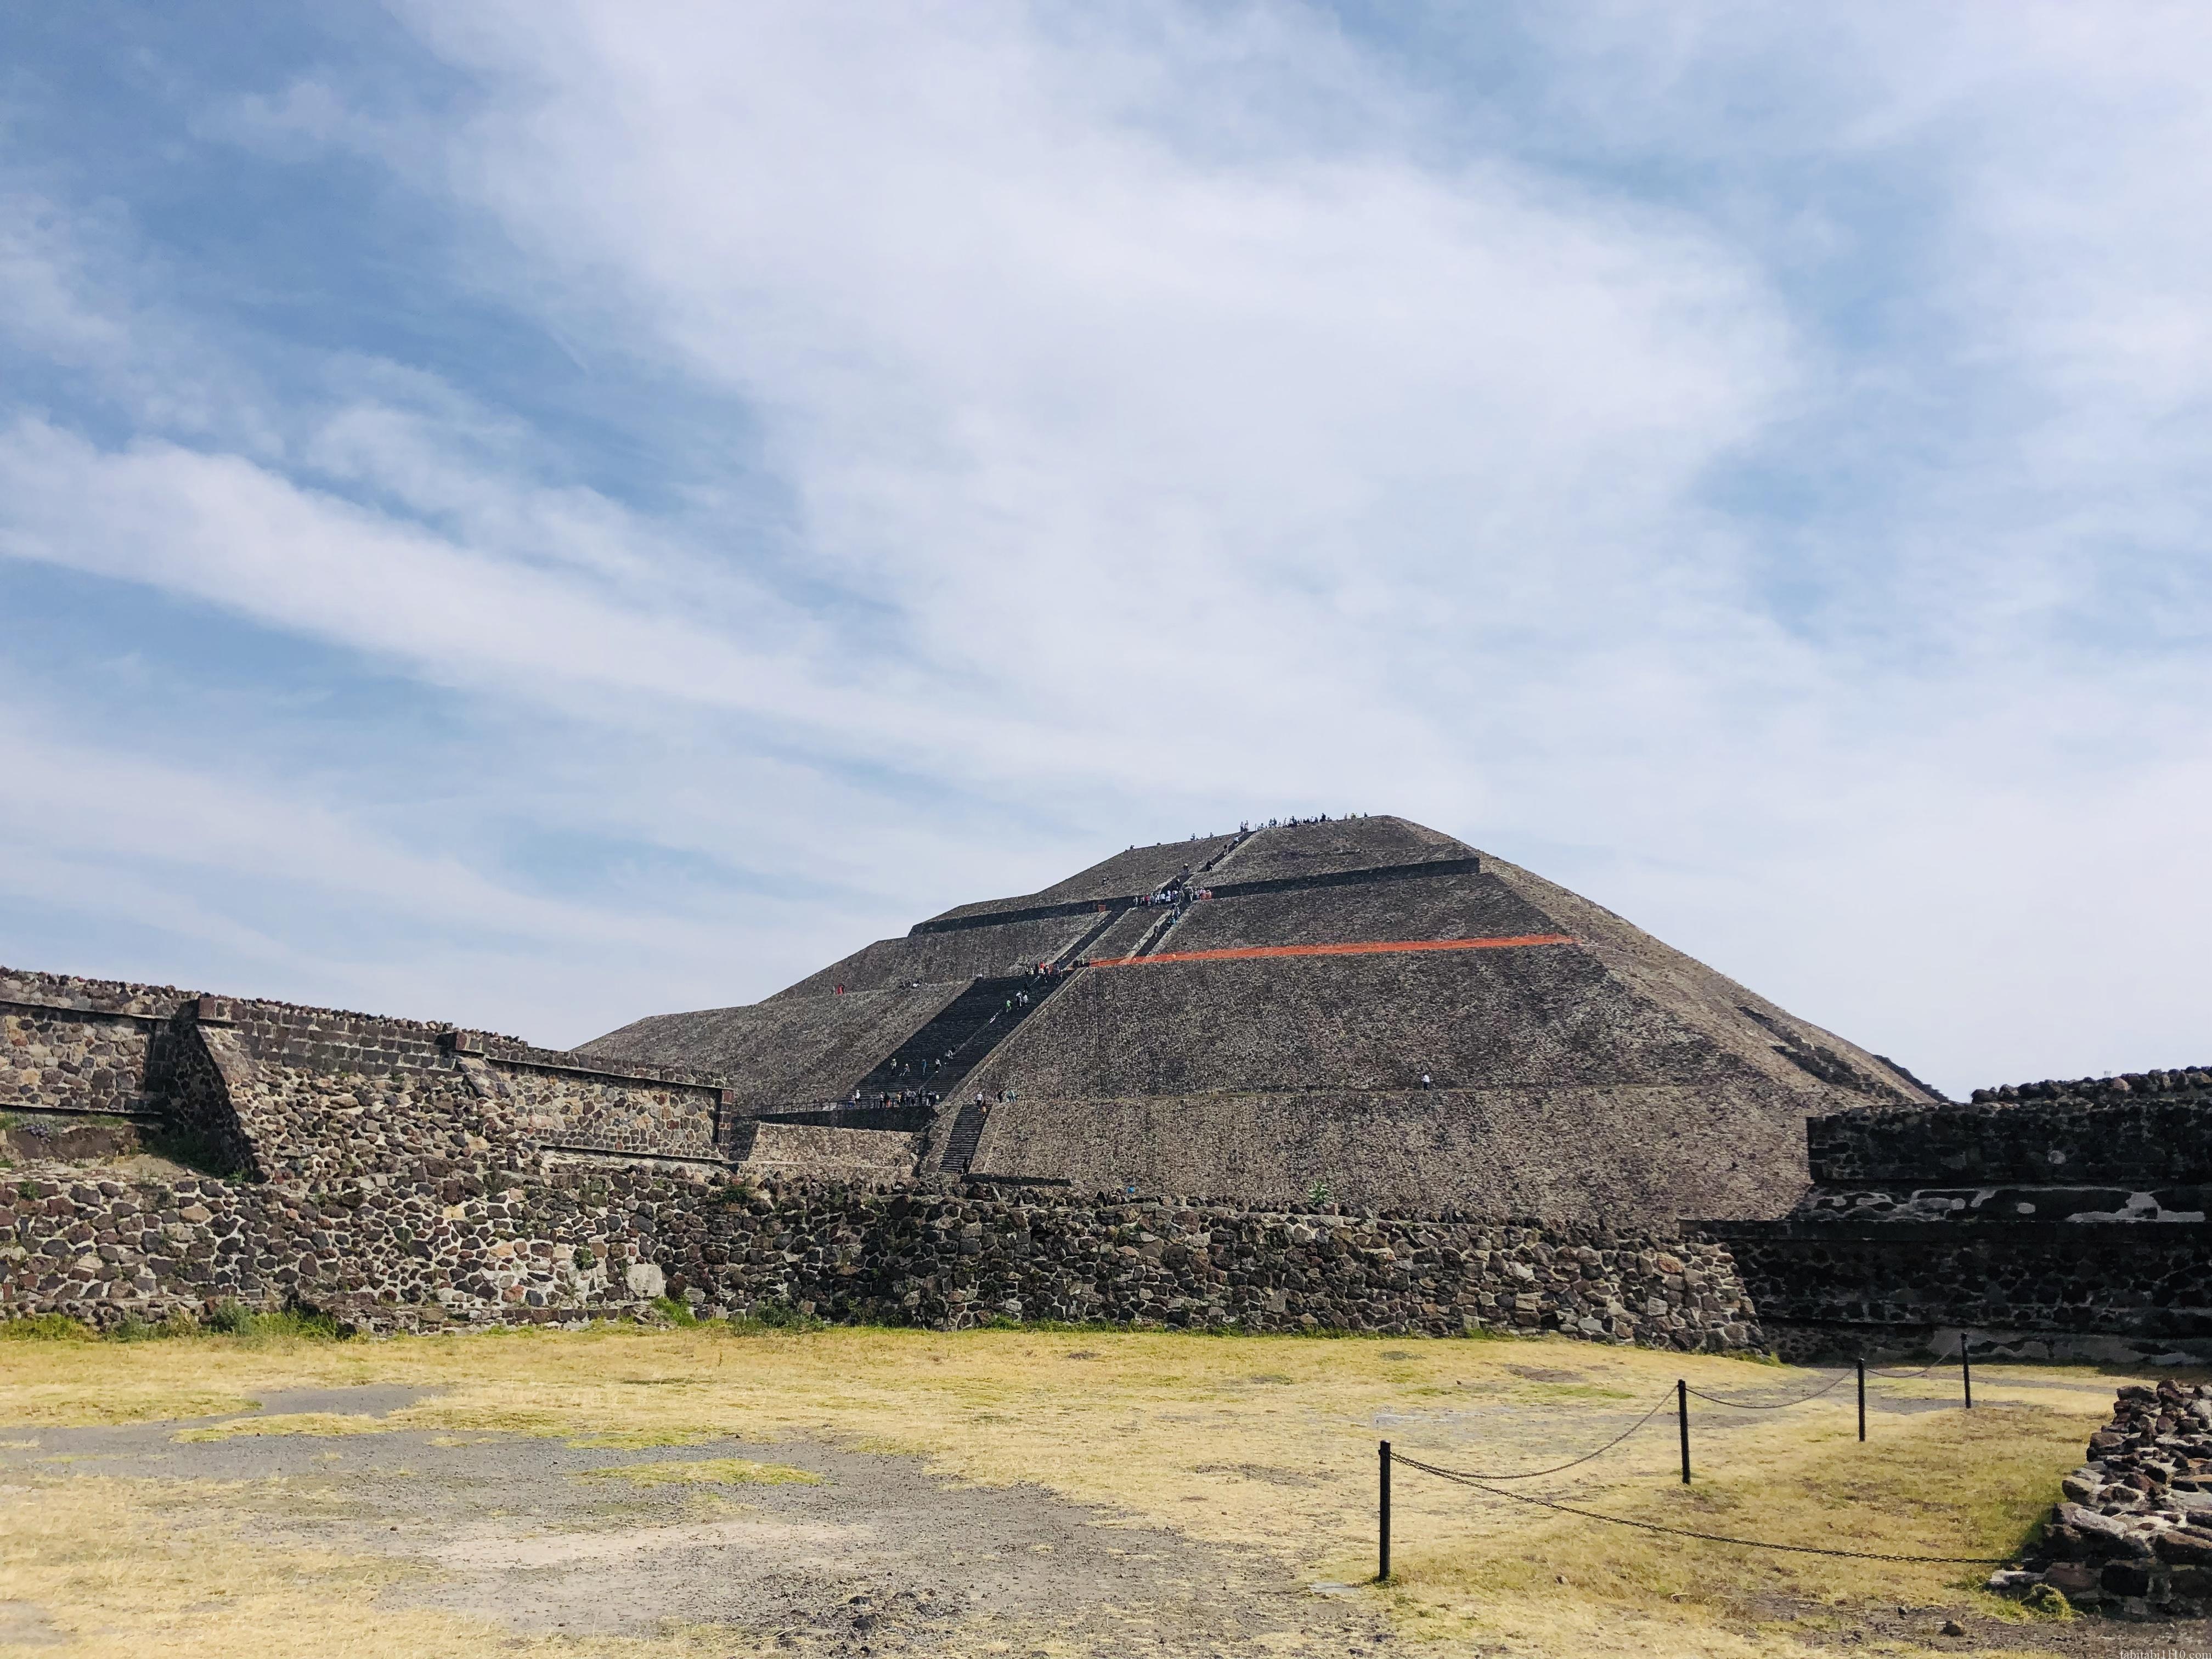 テオティワカン|太陽のピラミッド